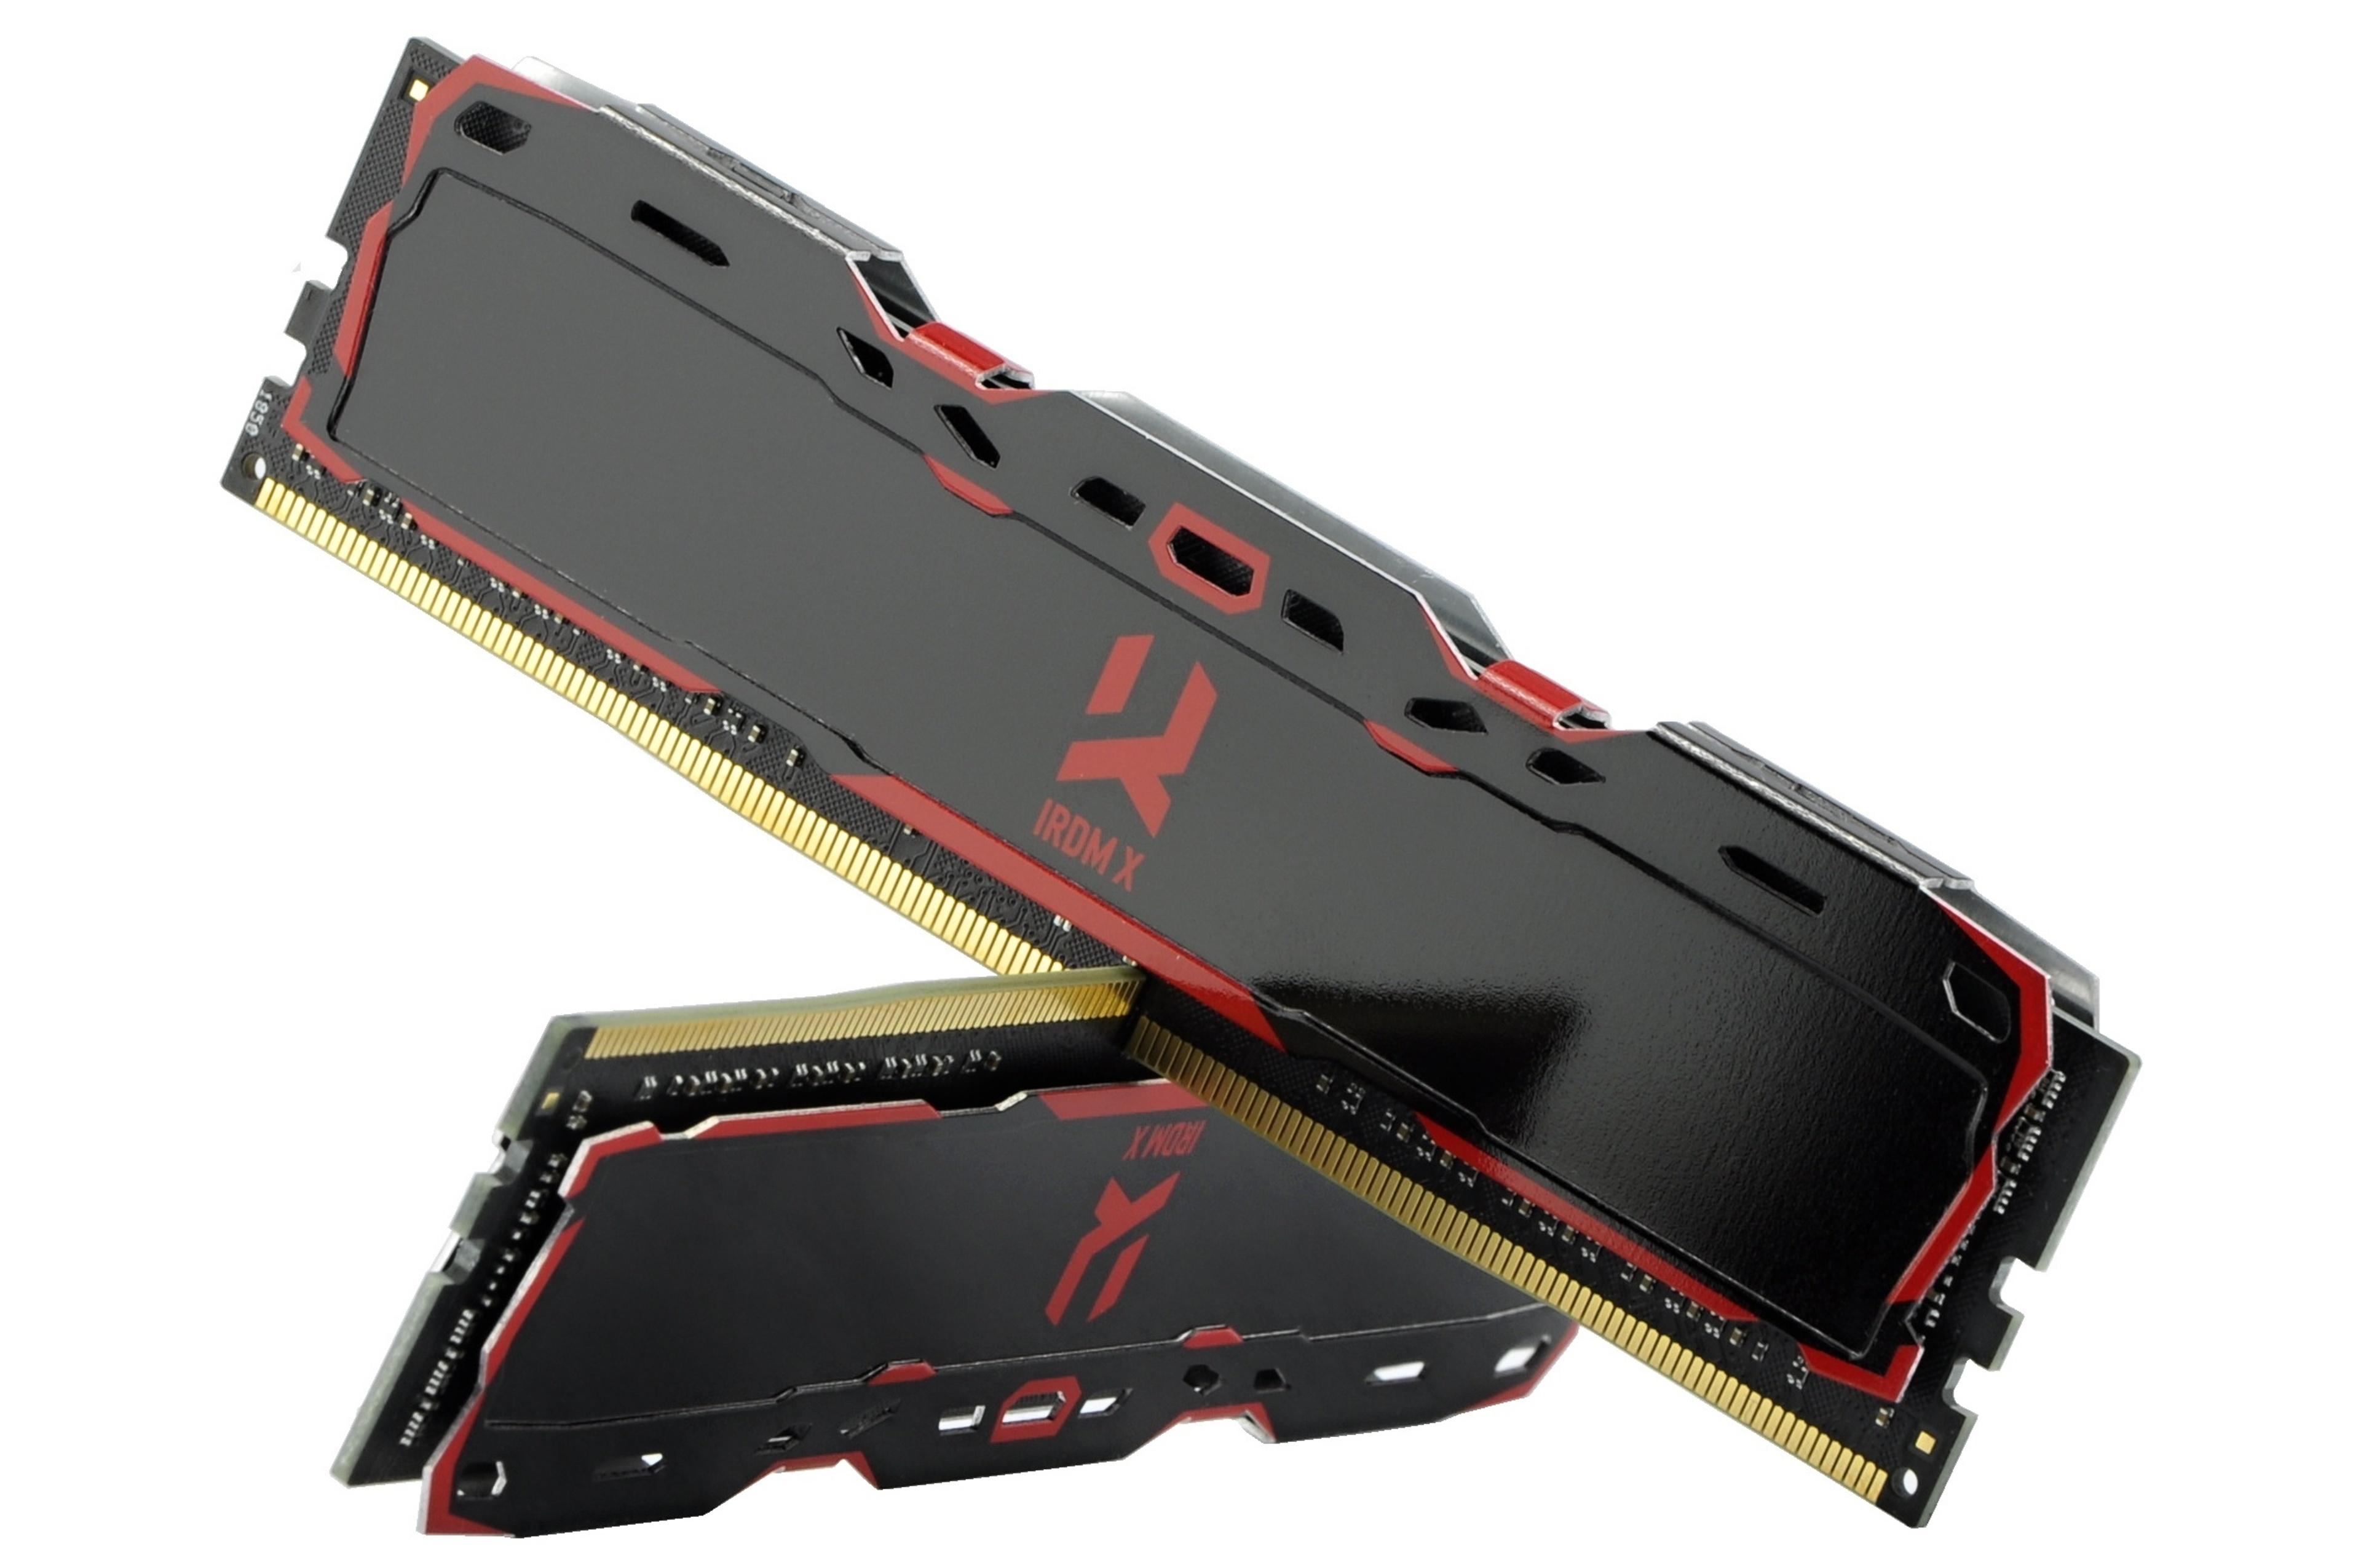 08dce0d1c Obe súpravy RAM skrášľujú plechové kryty. Tie majú, samozrejme, aj  chladiacu funkciu, no praktický význam je rýdzo estetický. Špeciálne v  tomto prípade, ...